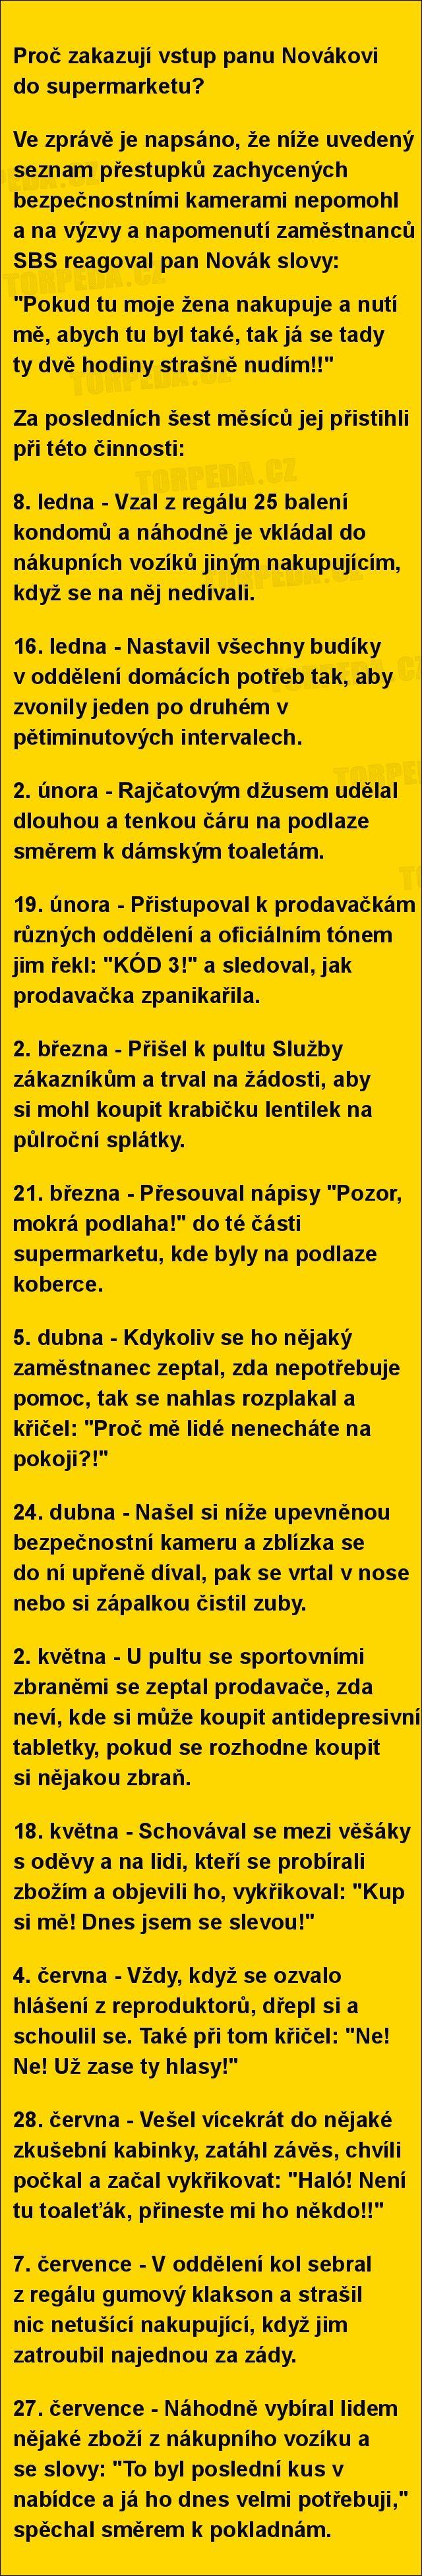 Proč zakazují vstup panu Novákovi do supermarketu?